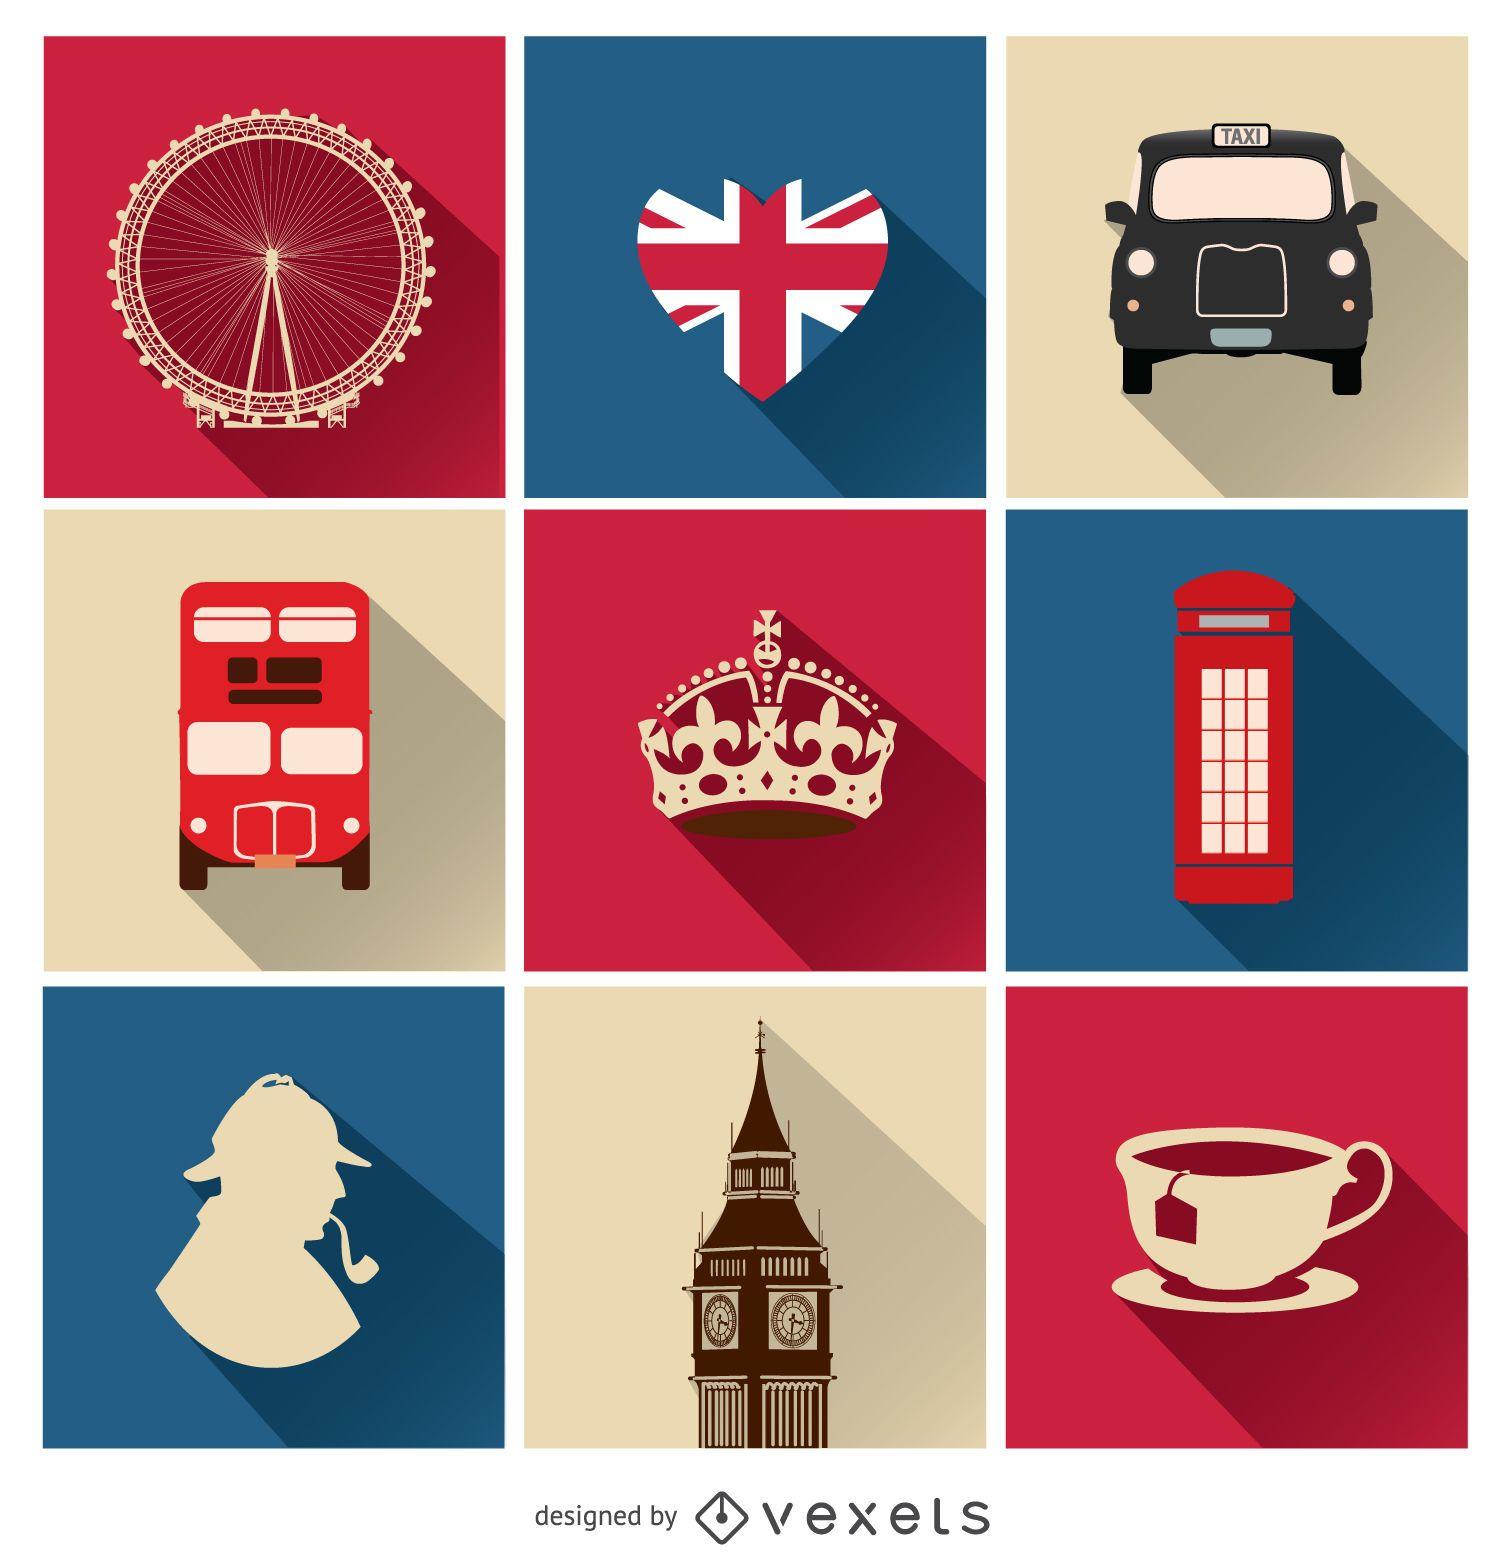 9 United Kingdom icons